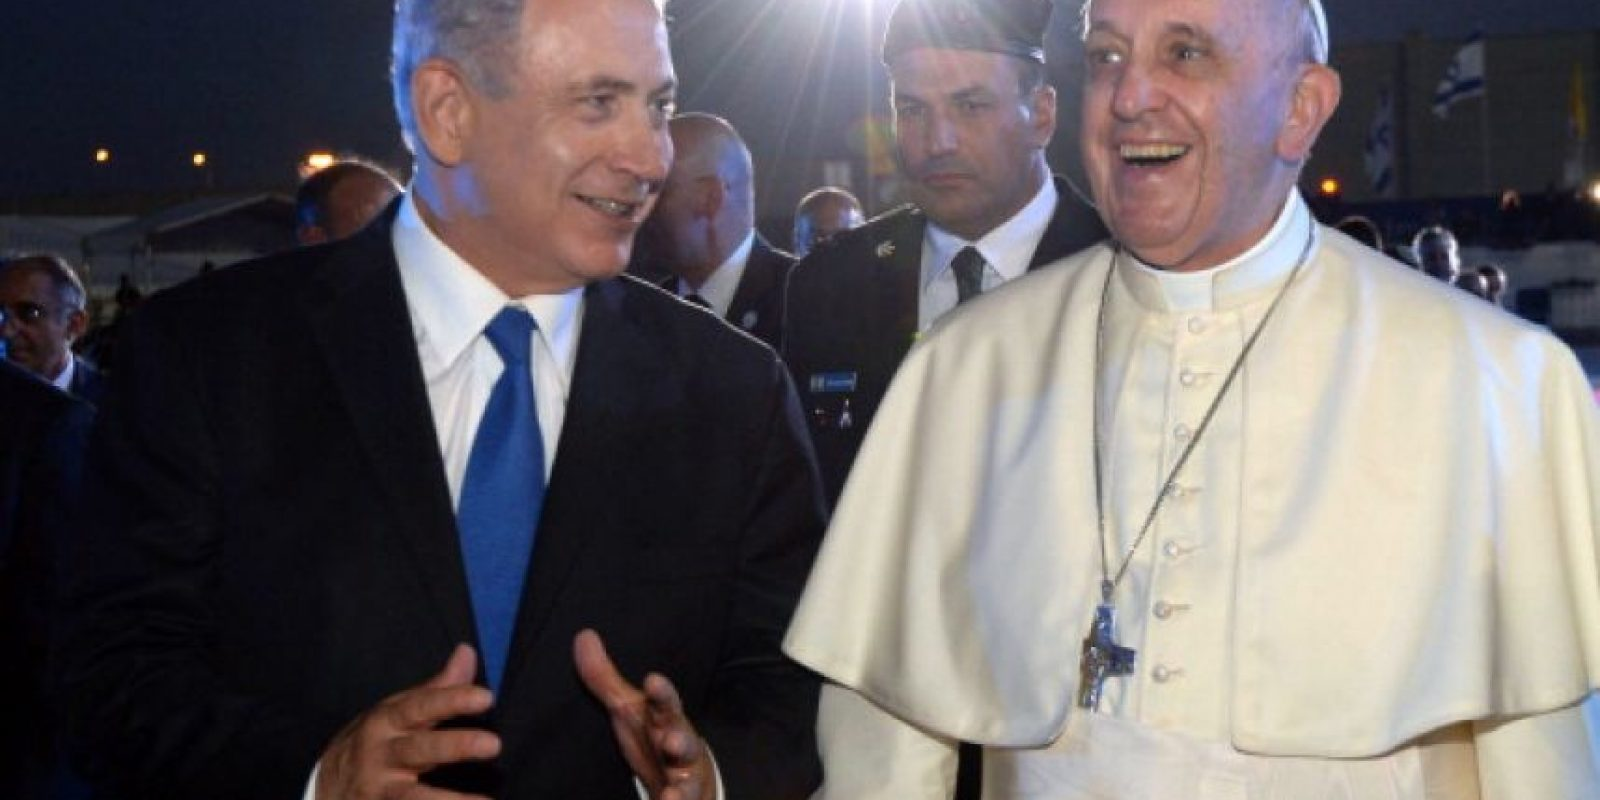 Así, el Estado del Vaticano se suma a los 130 países que han reconocido al estado Palestino. En mayo de 2014, Francisco sorprendió al mundo al anunciar el acuerdo de los presidentes de Israel y Palestina para participar en una oración conjunta por la paz, hecho que sucedió el 8 de junio del mismo año. Foto:Getty Images